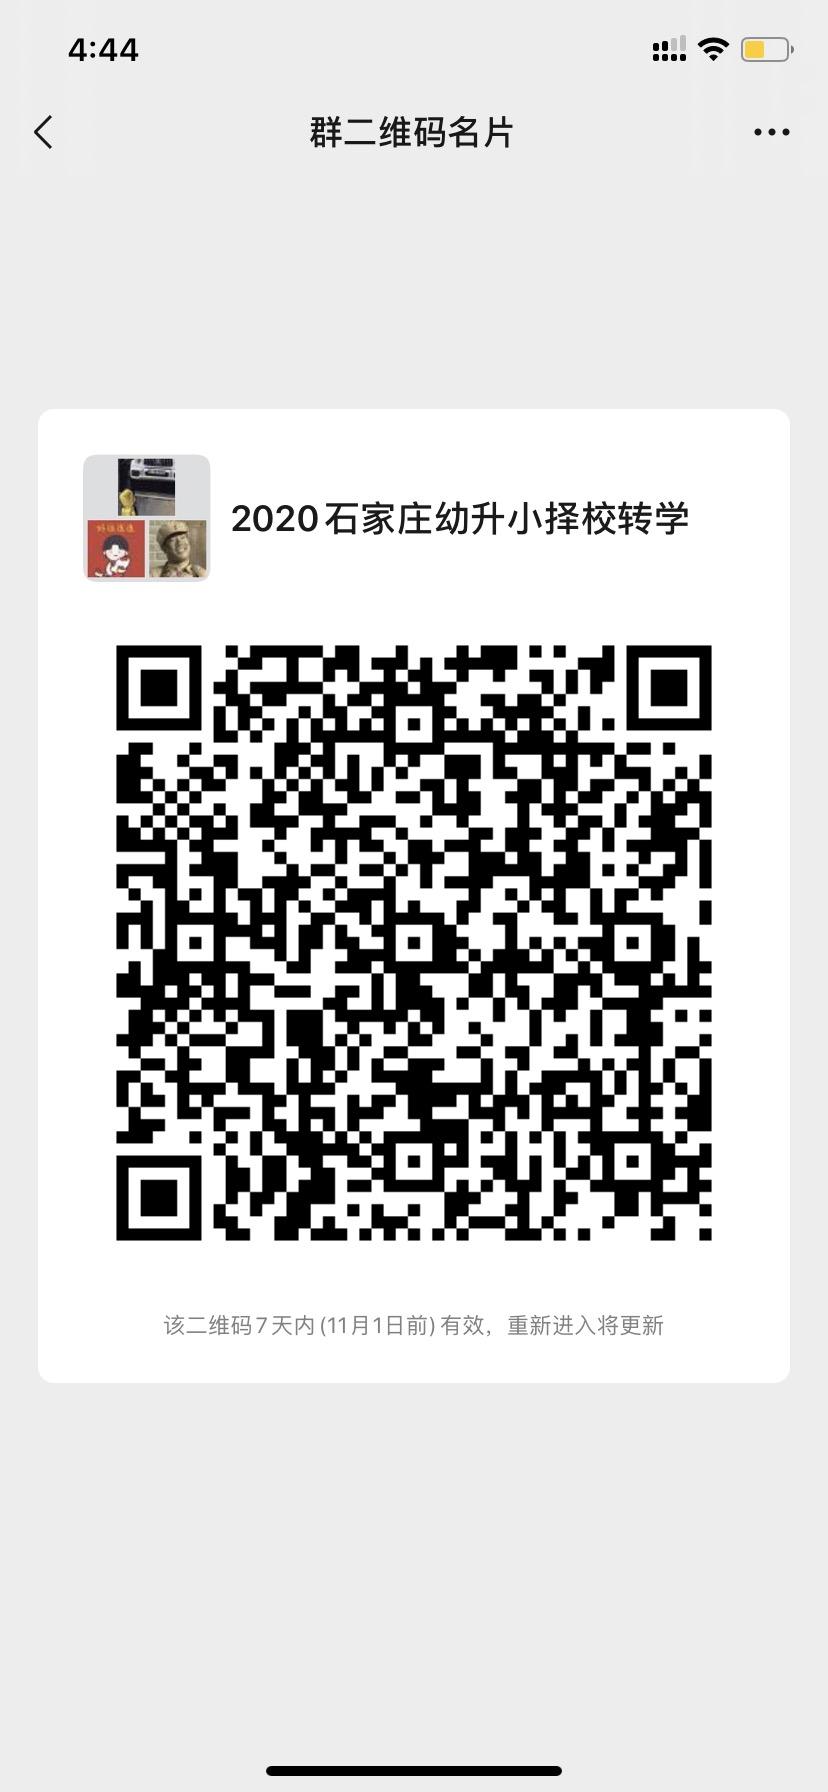 29E01A3E-03A1-4EFD-9DB7-4E8AA463F453.jpg